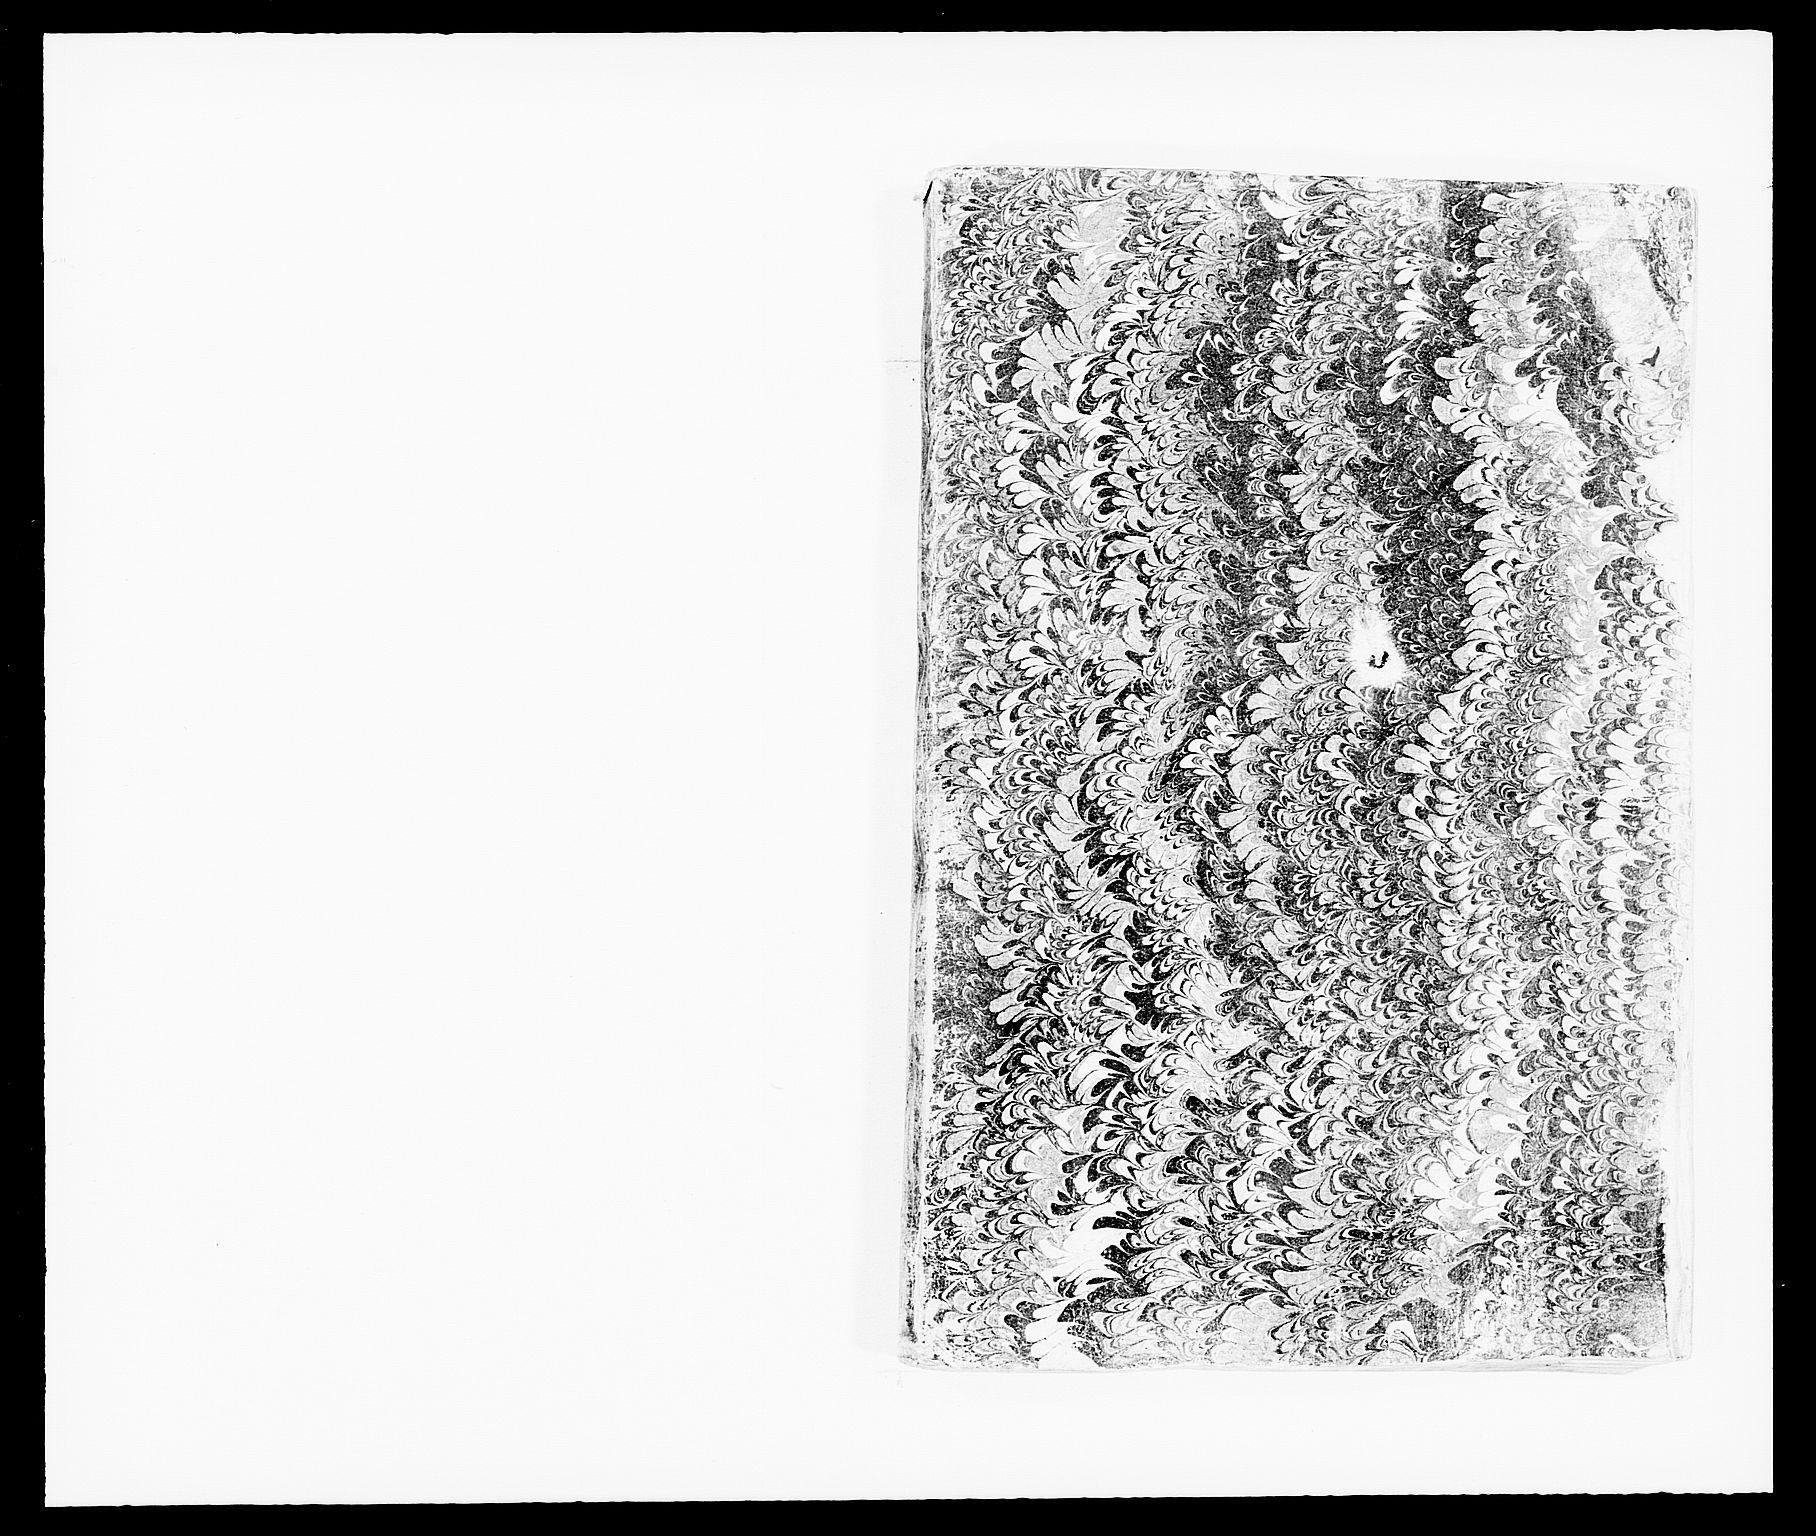 RA, Rentekammeret inntil 1814, Reviderte regnskaper, Fogderegnskap, R01/L0007: Fogderegnskap Idd og Marker, 1687-1688, s. 33